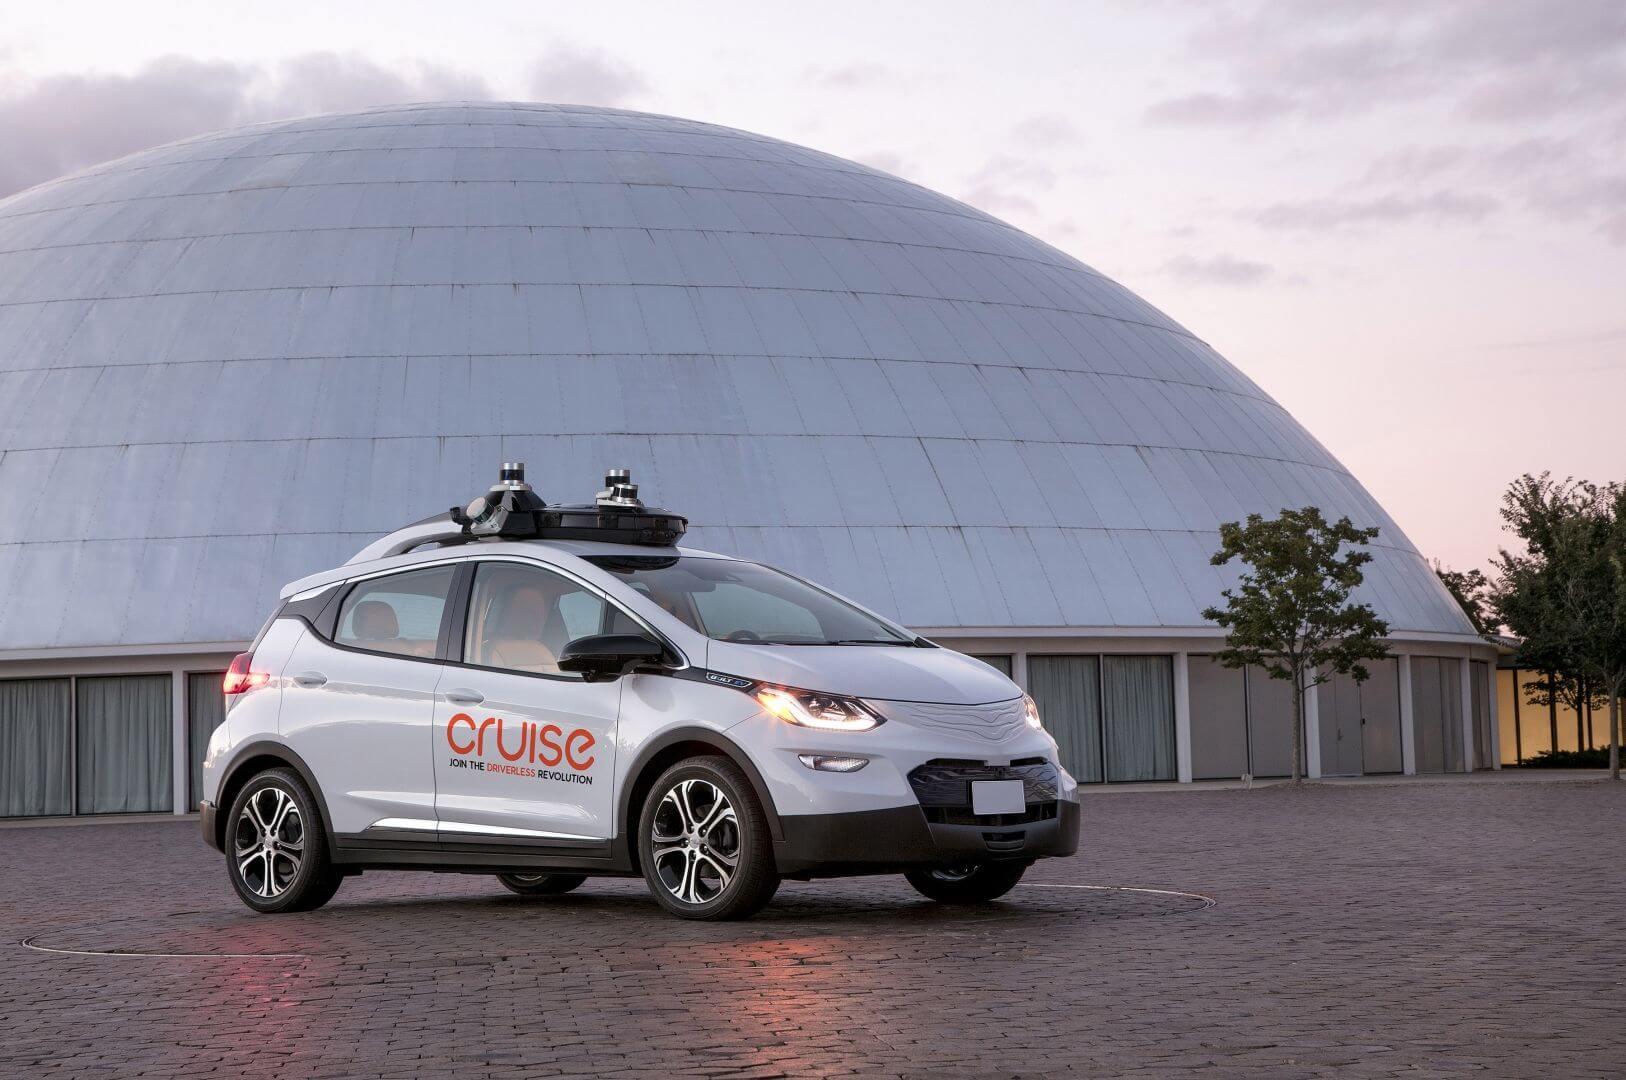 Электромобиль с автономным управлением GM Cruise